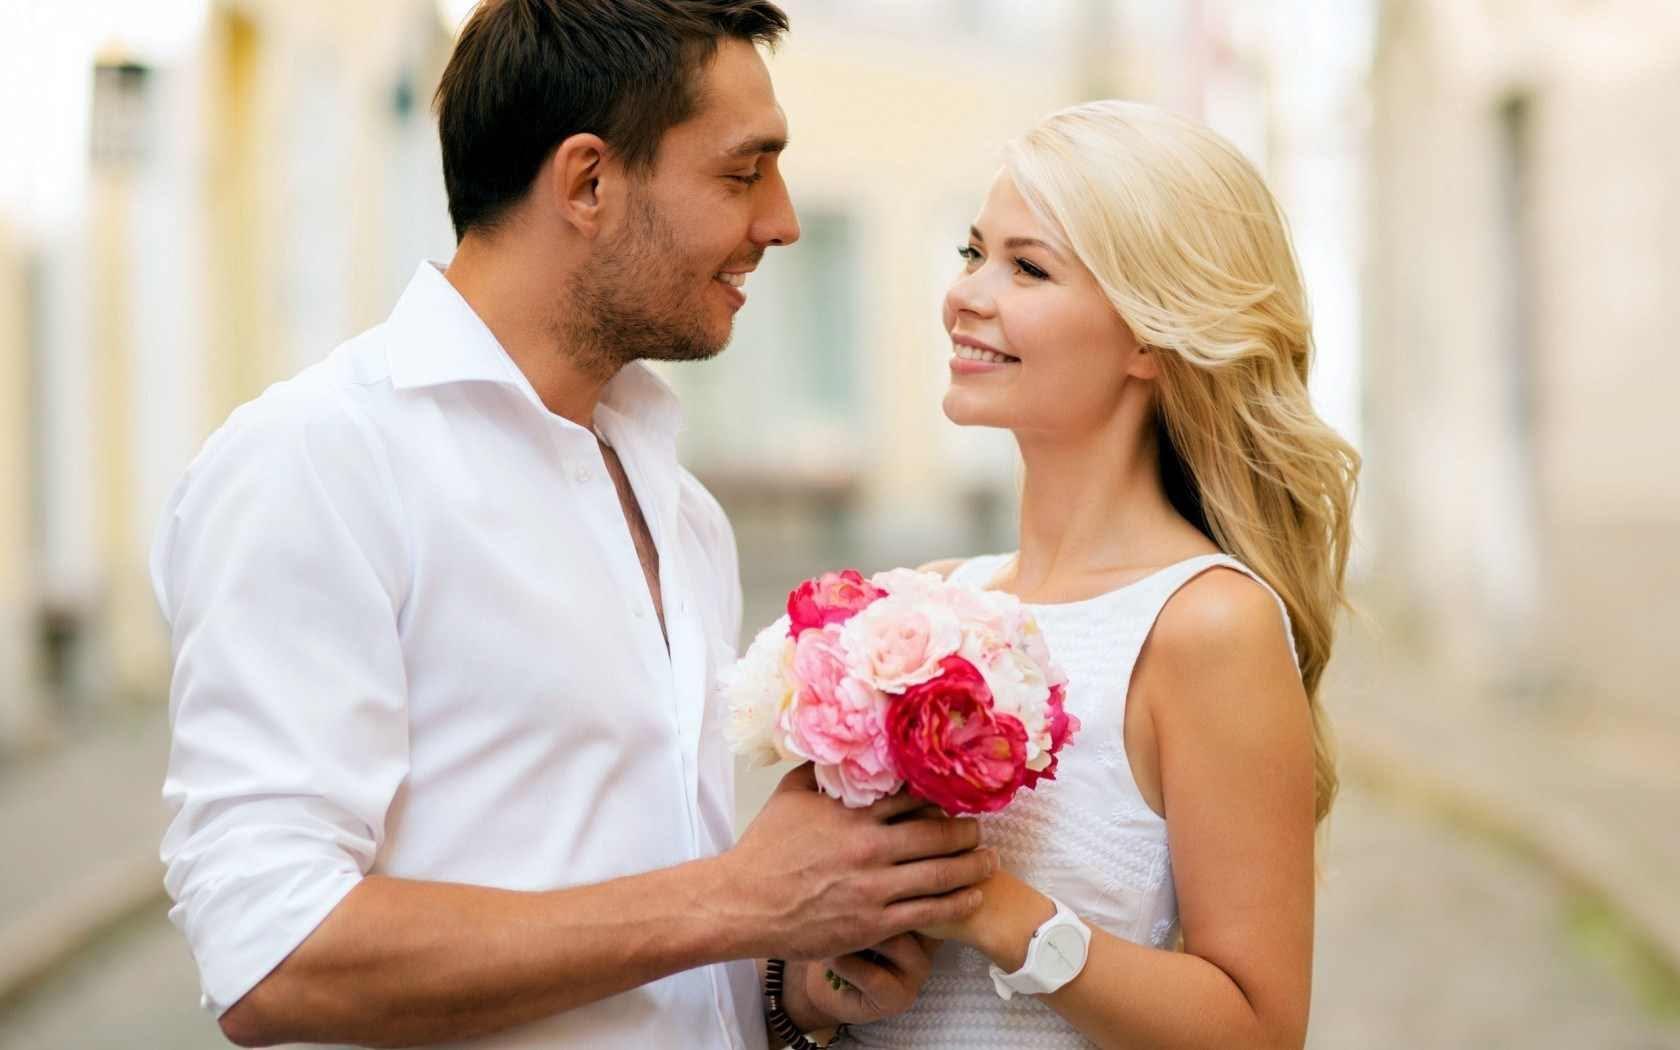 بالصور ماذا يحب الرجل في المراة , الاشياء التى يحبها الرجل فى المراه 5921 2